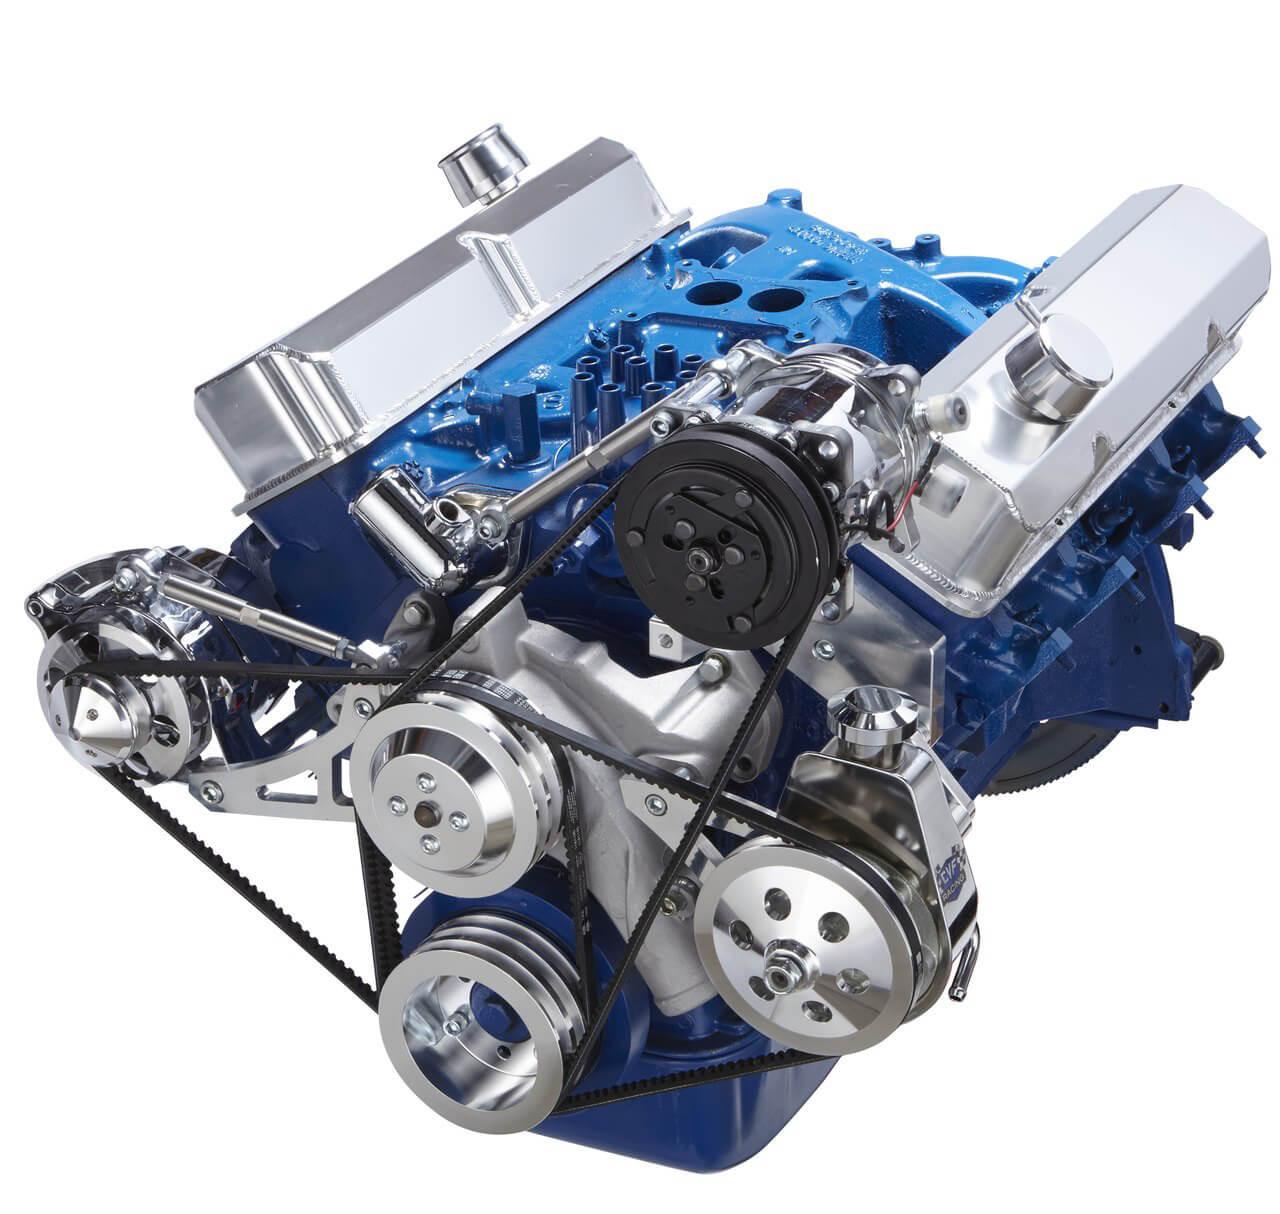 fe 390 engine diagrams on diagram data schemaford 390 fe engine v belt pulley system sanden [ 1280 x 1214 Pixel ]